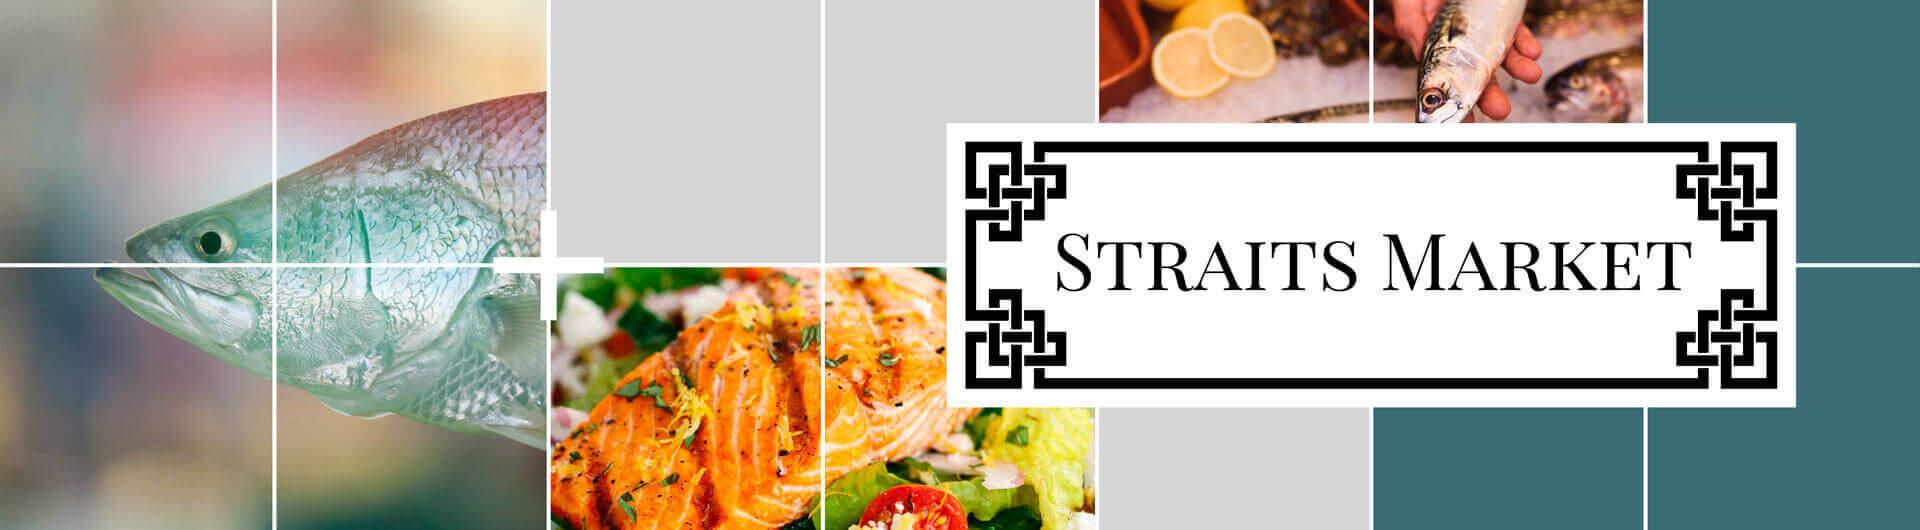 Straits Market Singapore